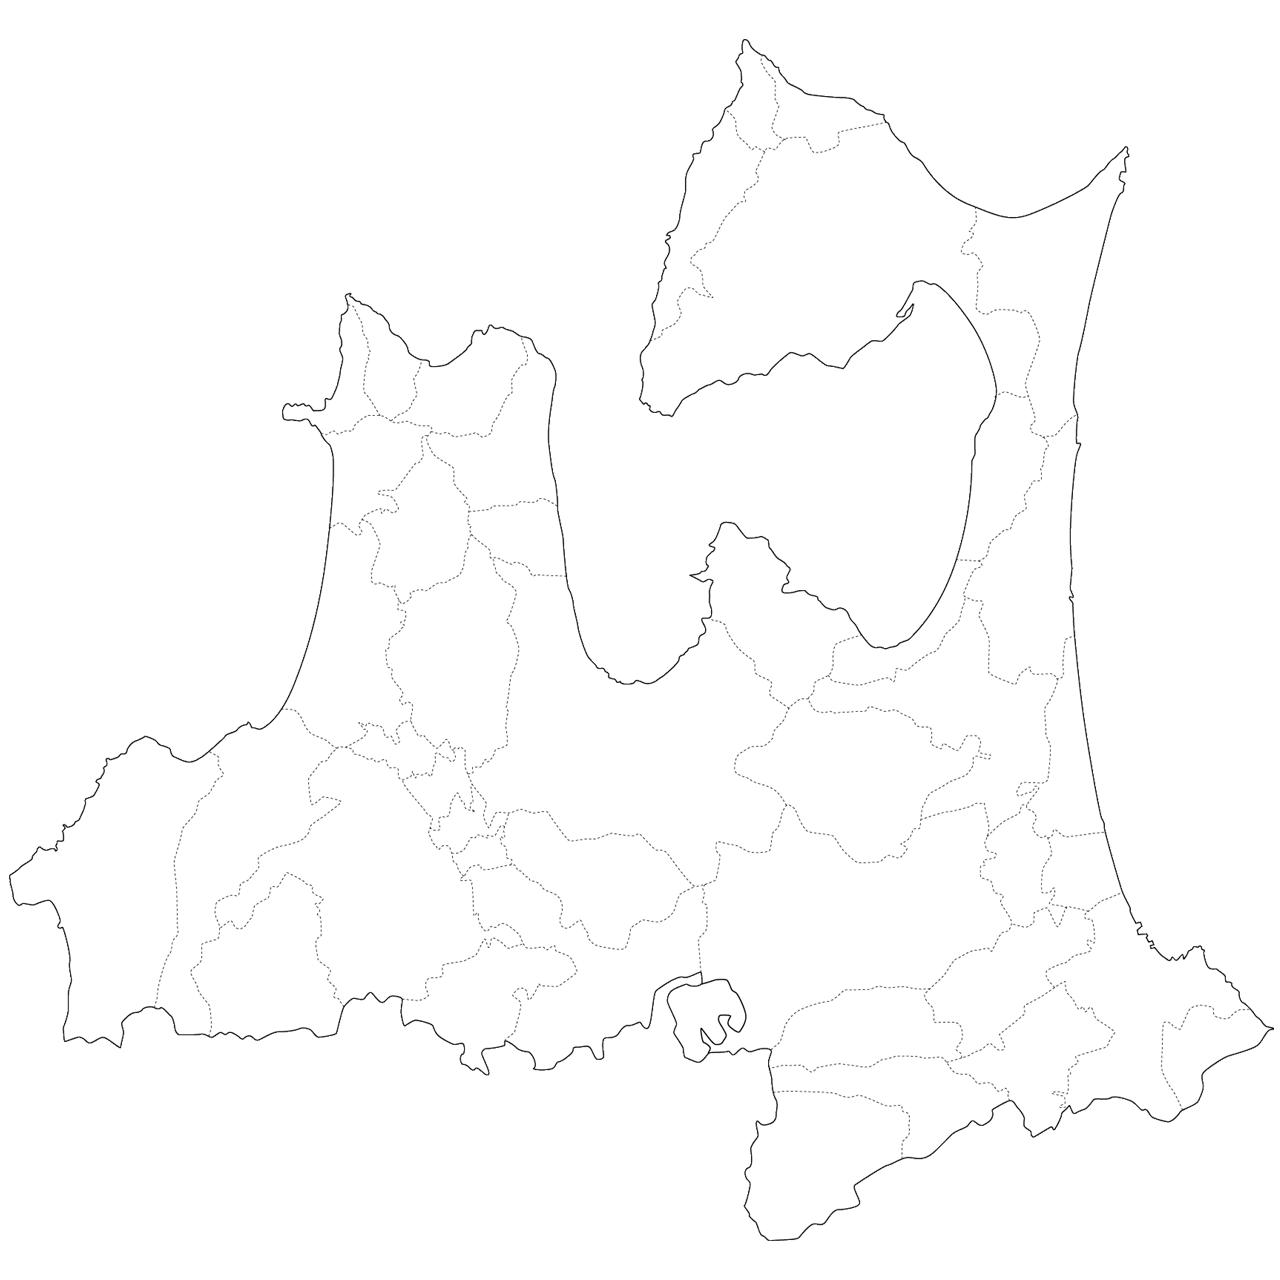 日本 日本 県 : 日本地図イラスト集 - 青森県 ...